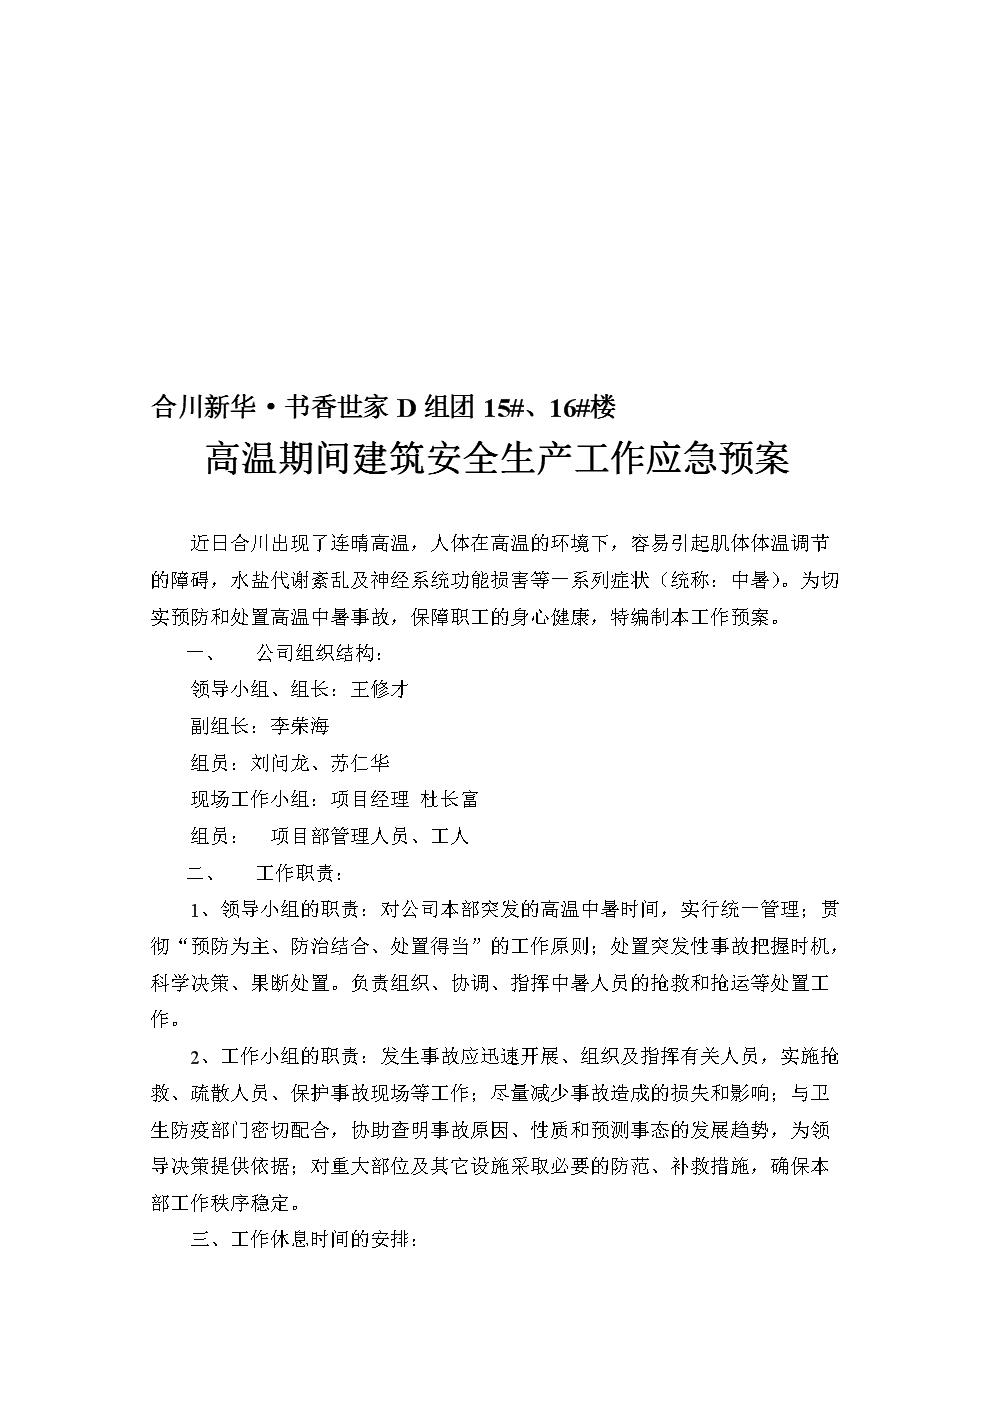 高温期间建筑安全生产工作应急预案.doc